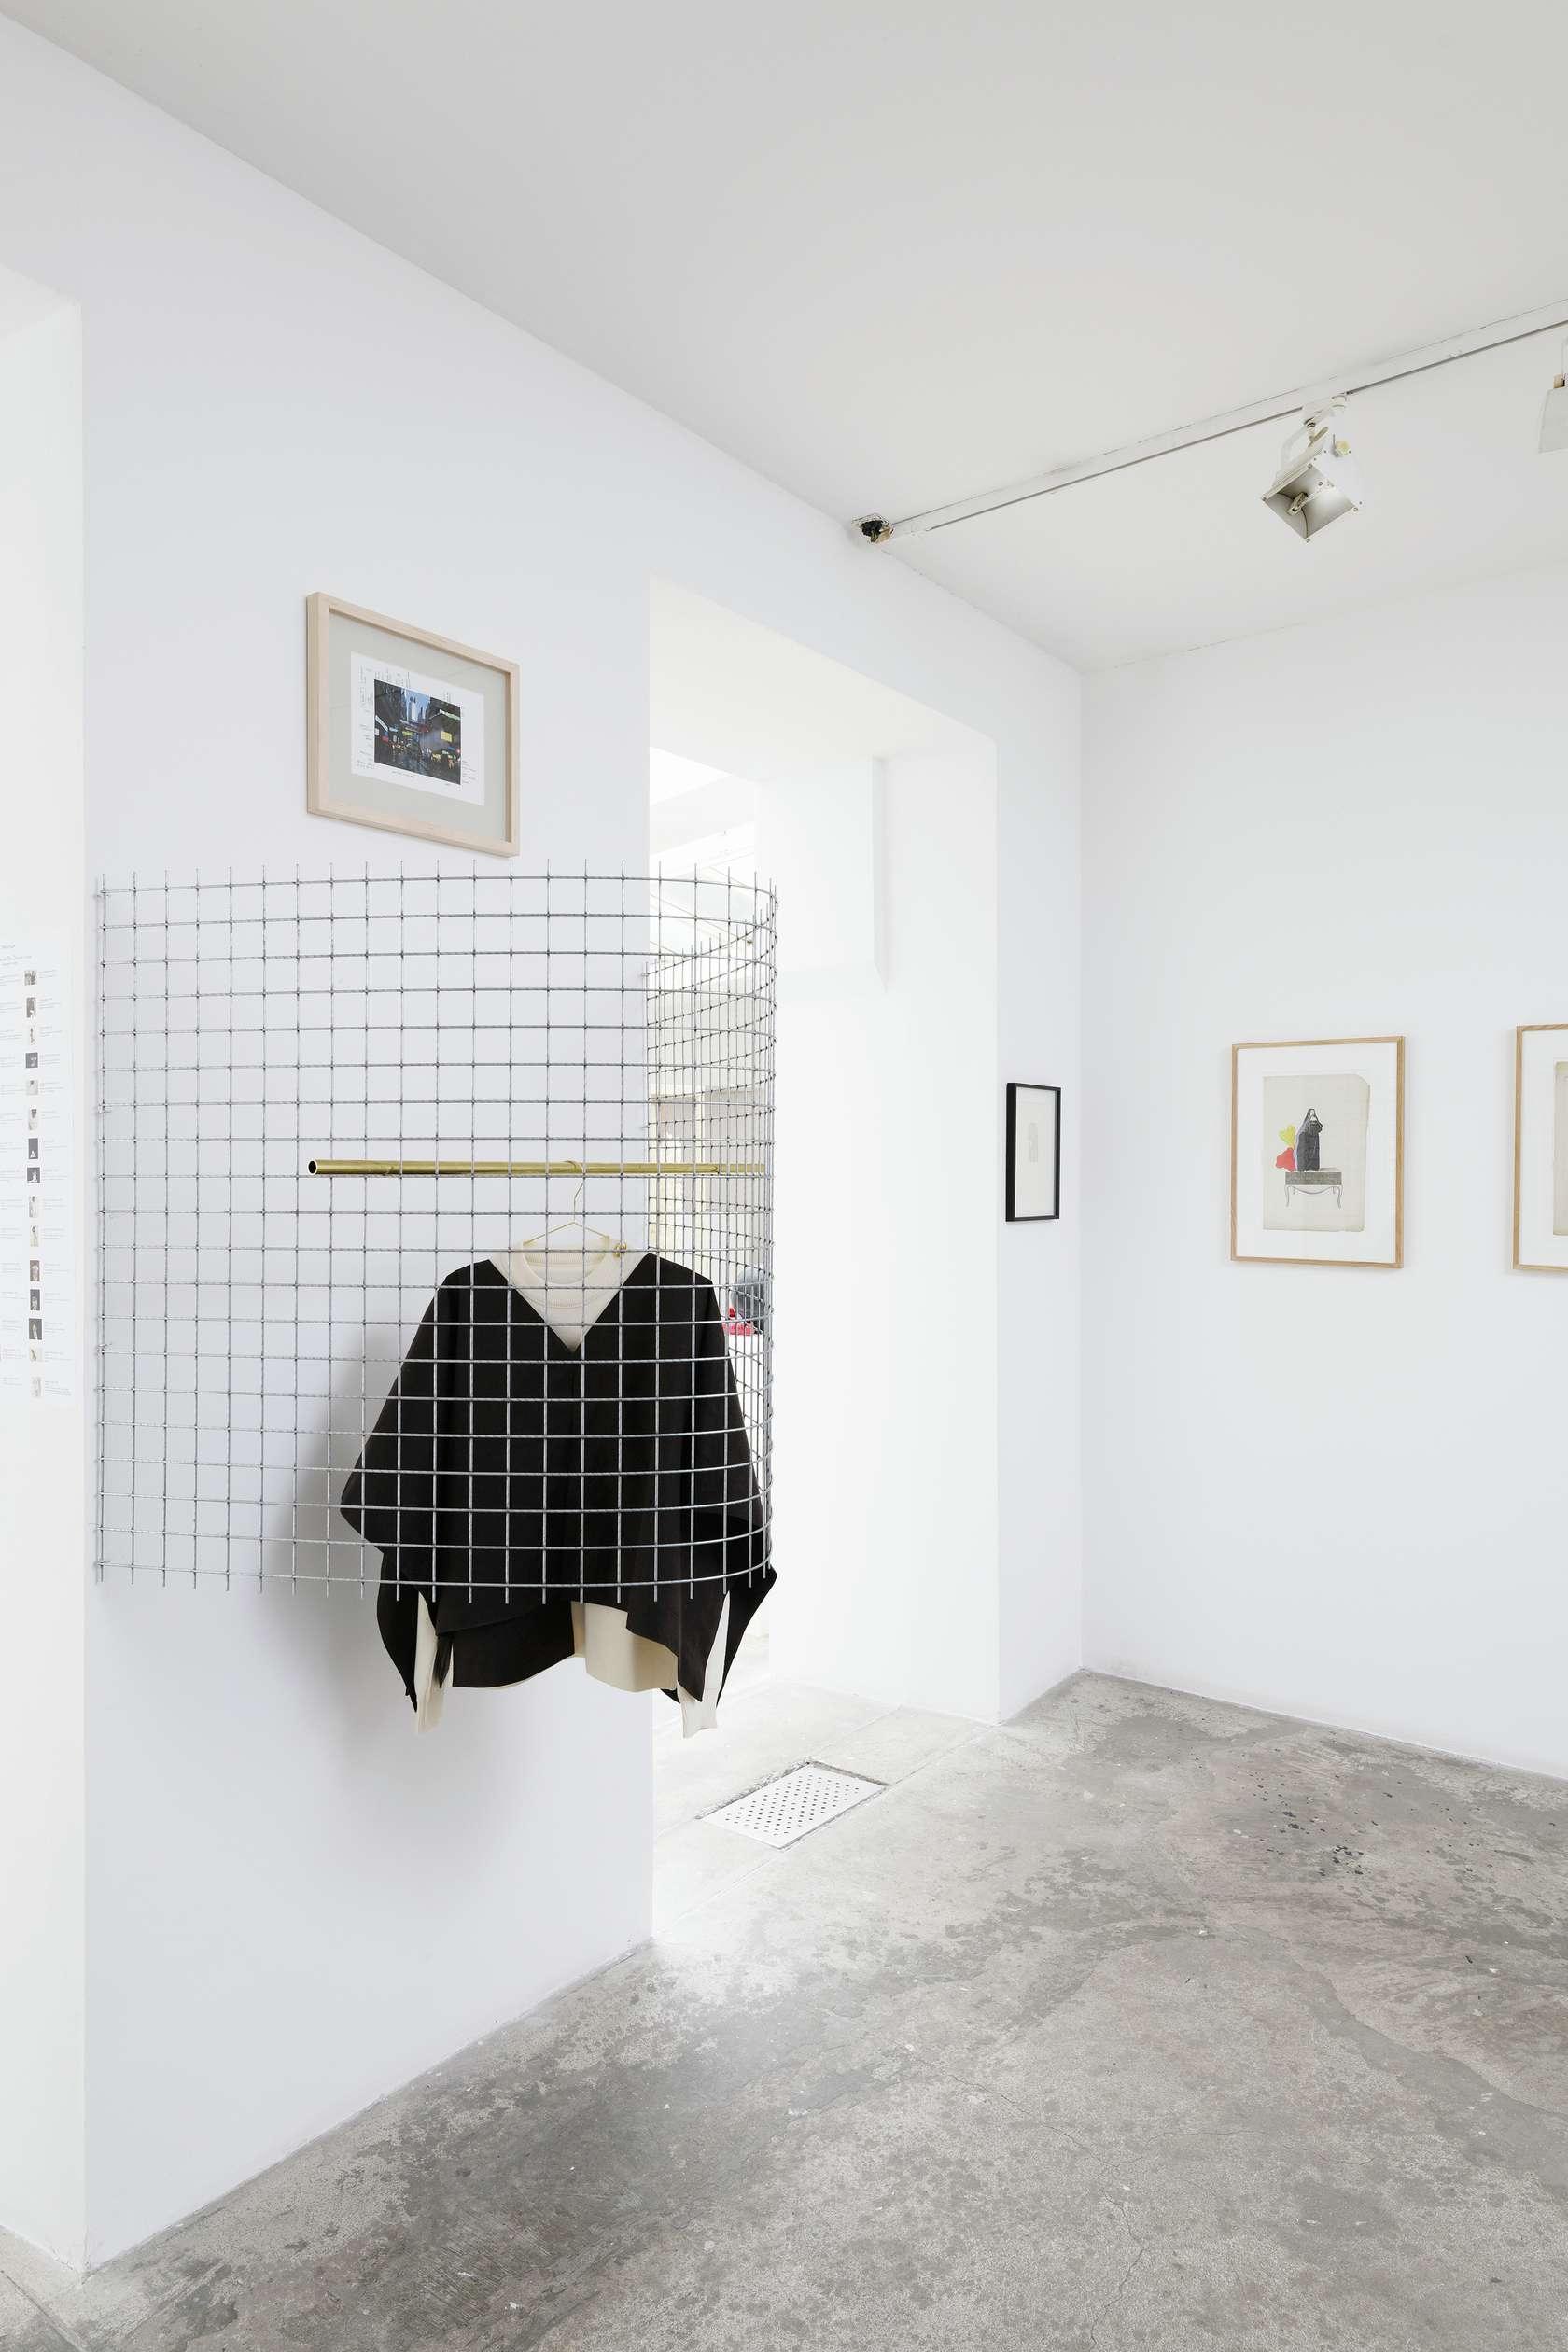 Guillaume Dégé, Modes & Travaux (group)  - Galerie Georges Philippe & Nathalie Vallois - Paris 28 février  — 25 juin 2020